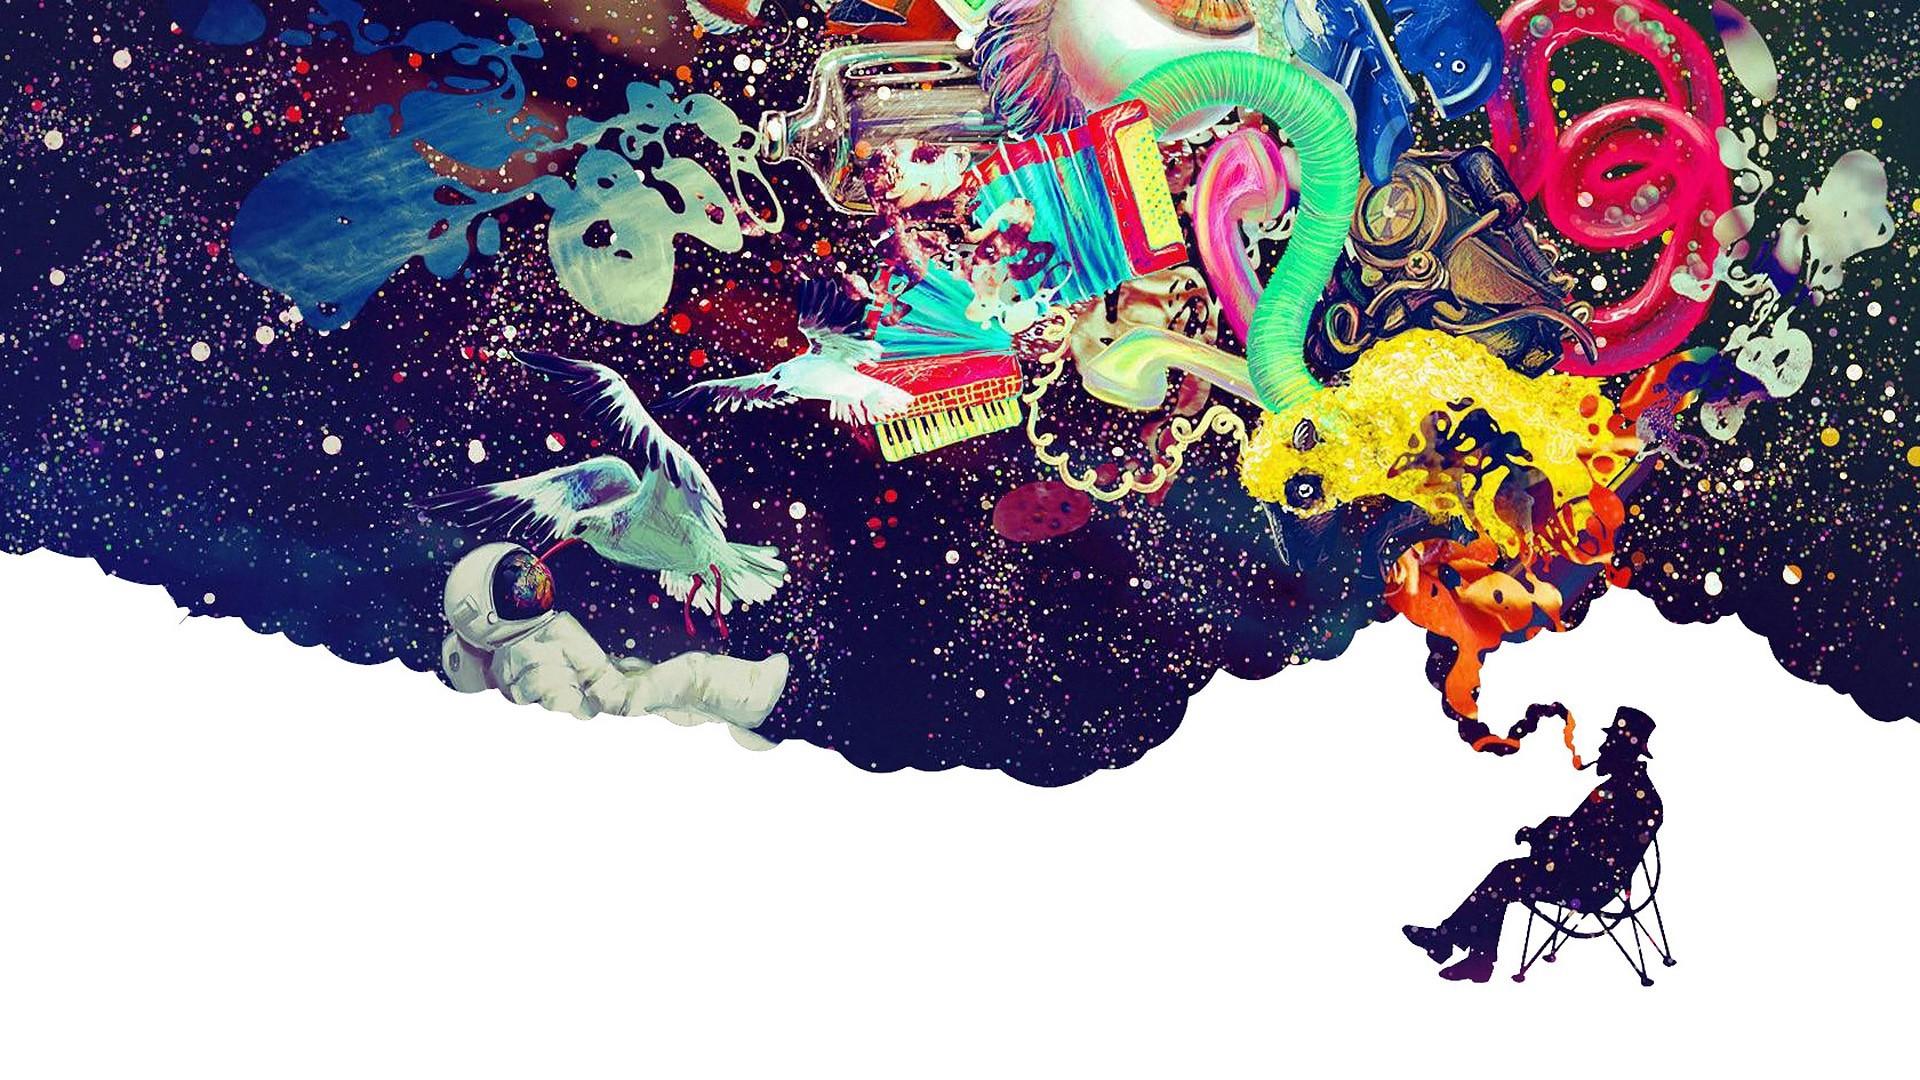 راههایی برای افزایش خلاقیت شما